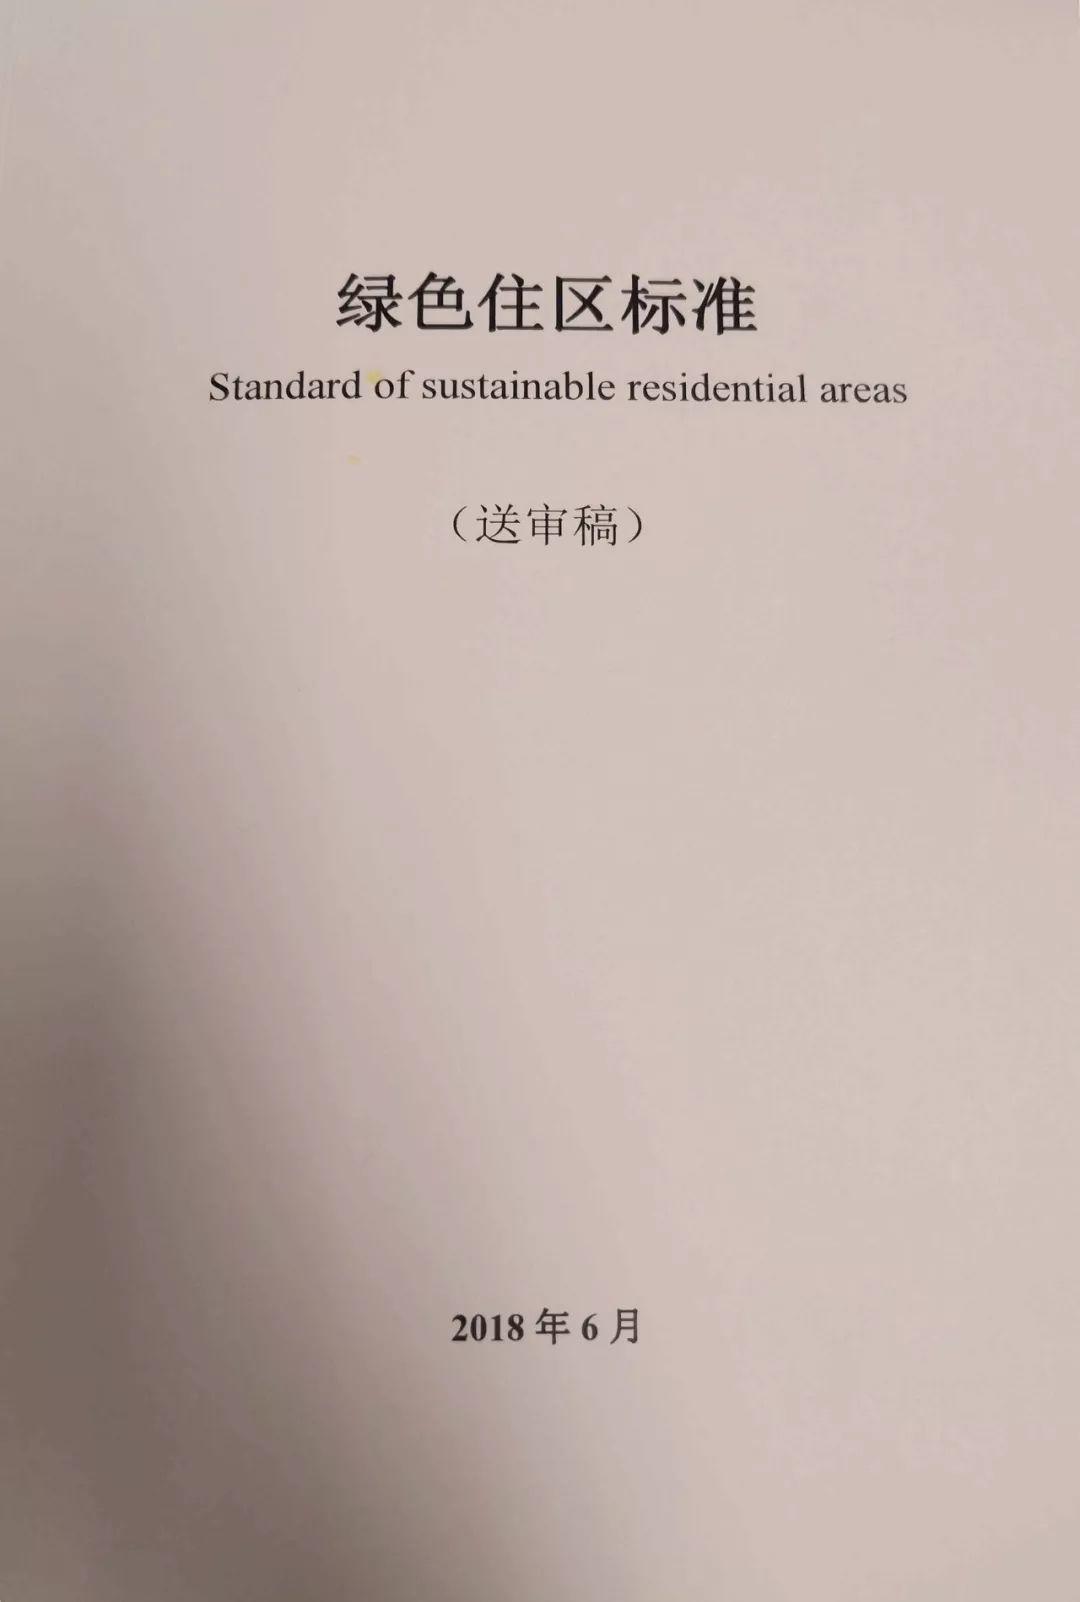 LDG学术︱我院参编的《绿色住区标准》送审稿完成